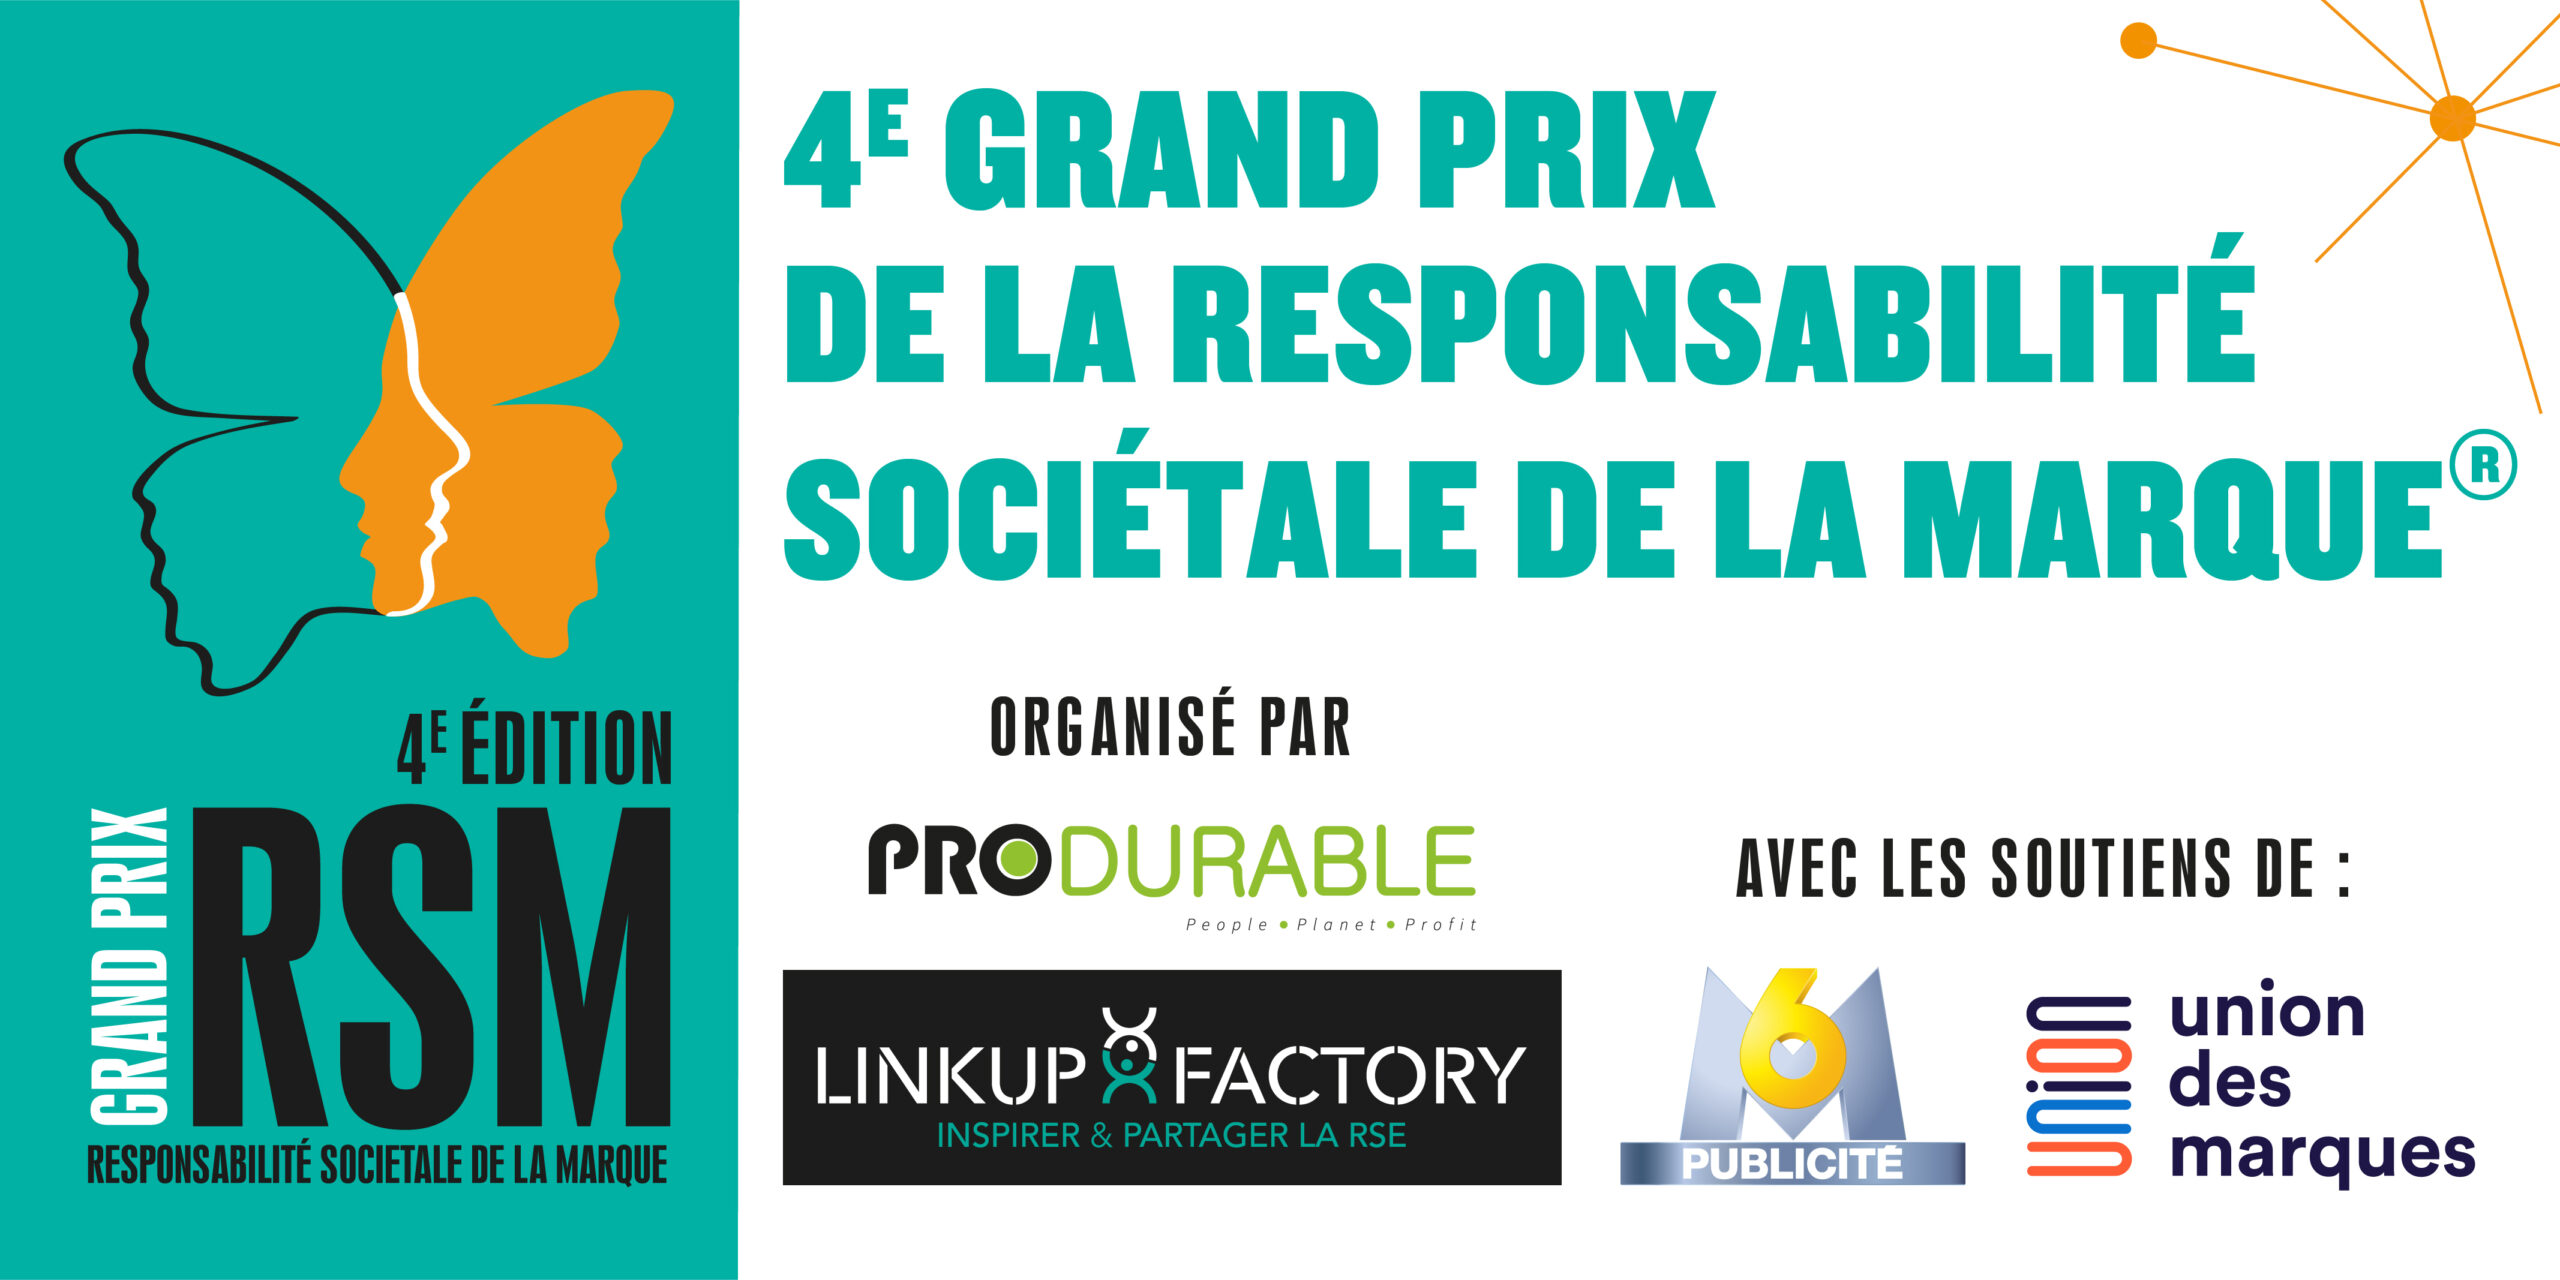 4e édition du GPRSM : le 'Grand Prix de l'Entreprise à Mission' raconté par Emery Jacquillat